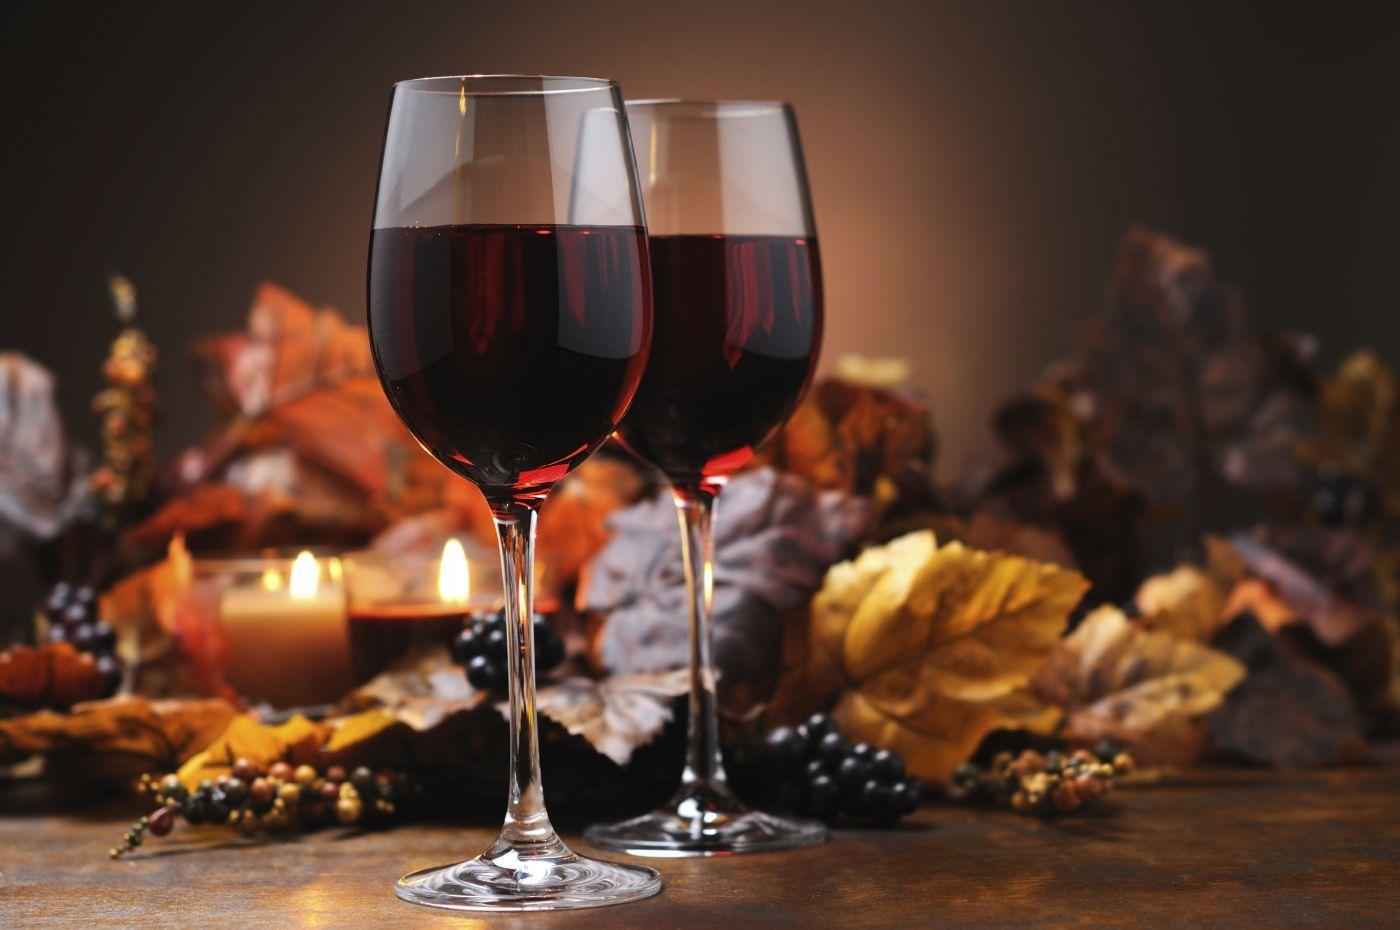 品酒该怎么练习 你知道吗